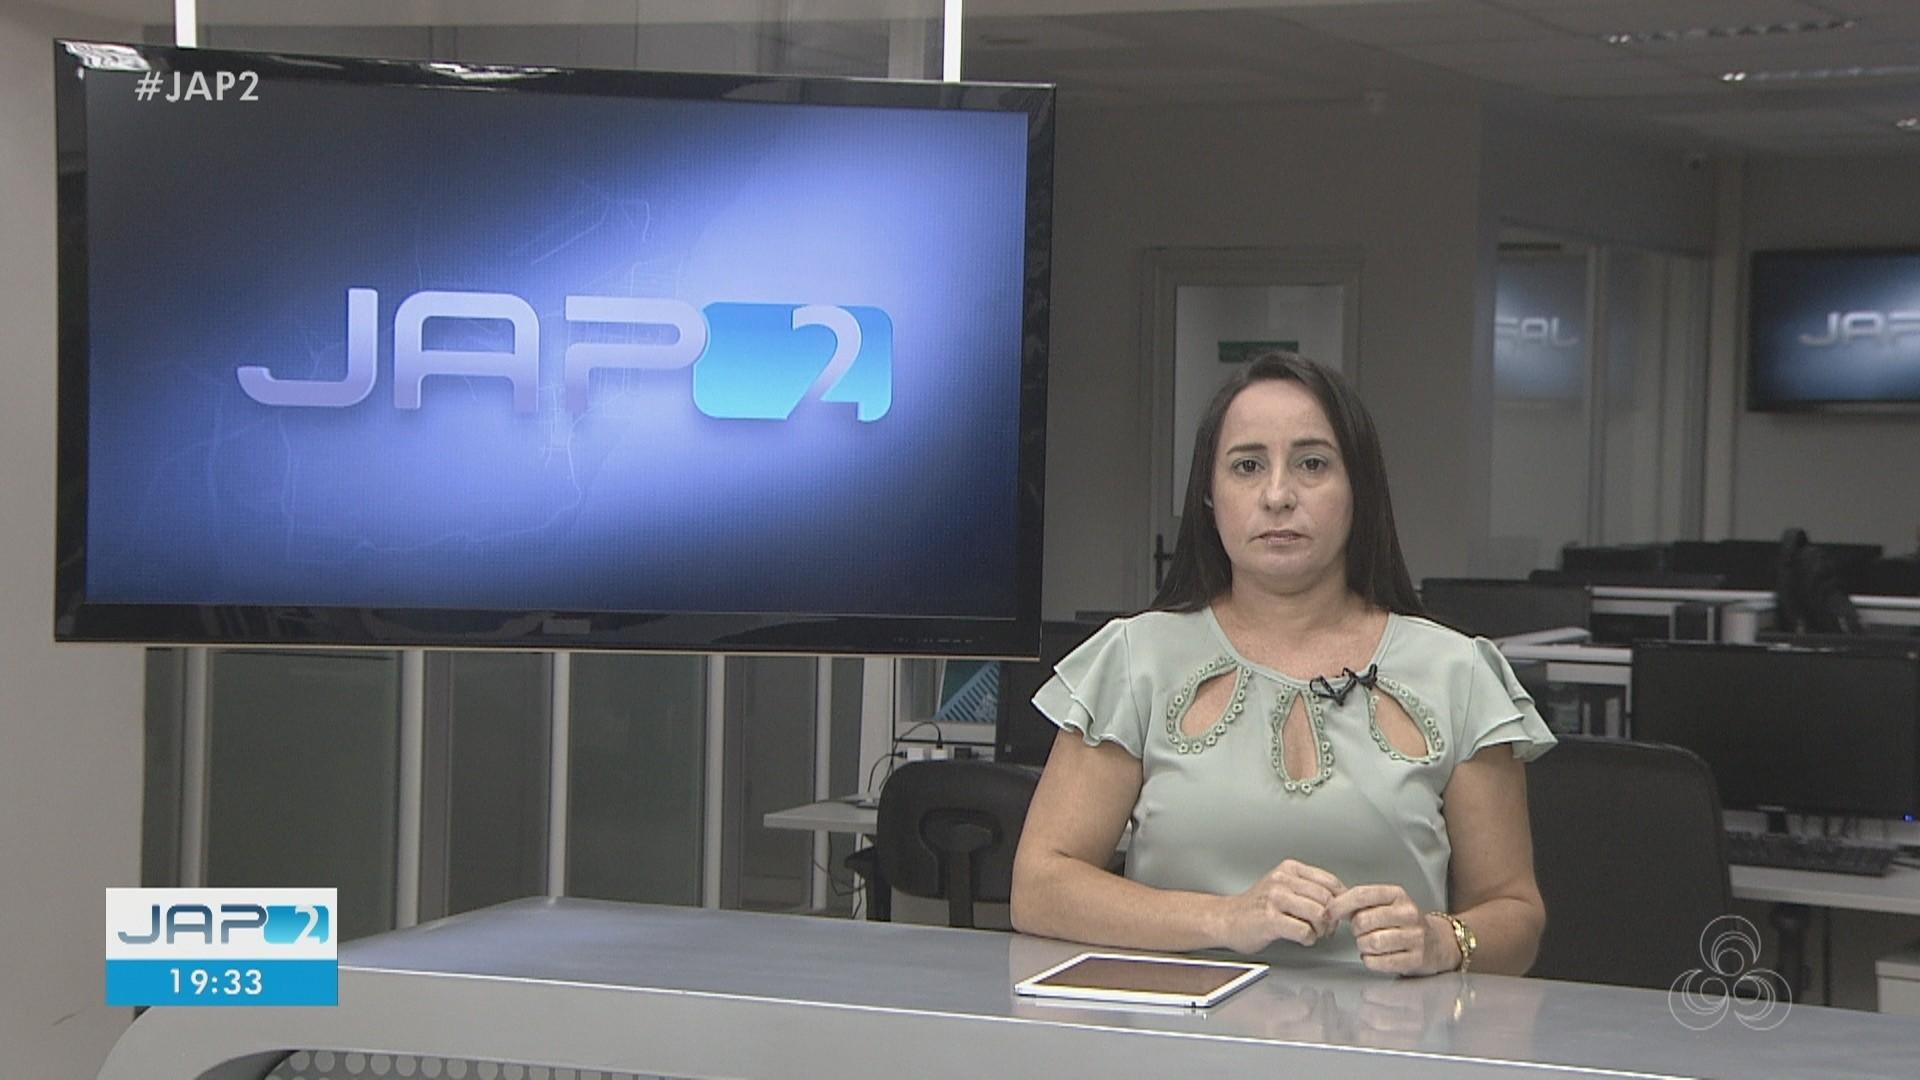 VÍDEOS: JAP2 de quarta-feira, 3 de junho 2020